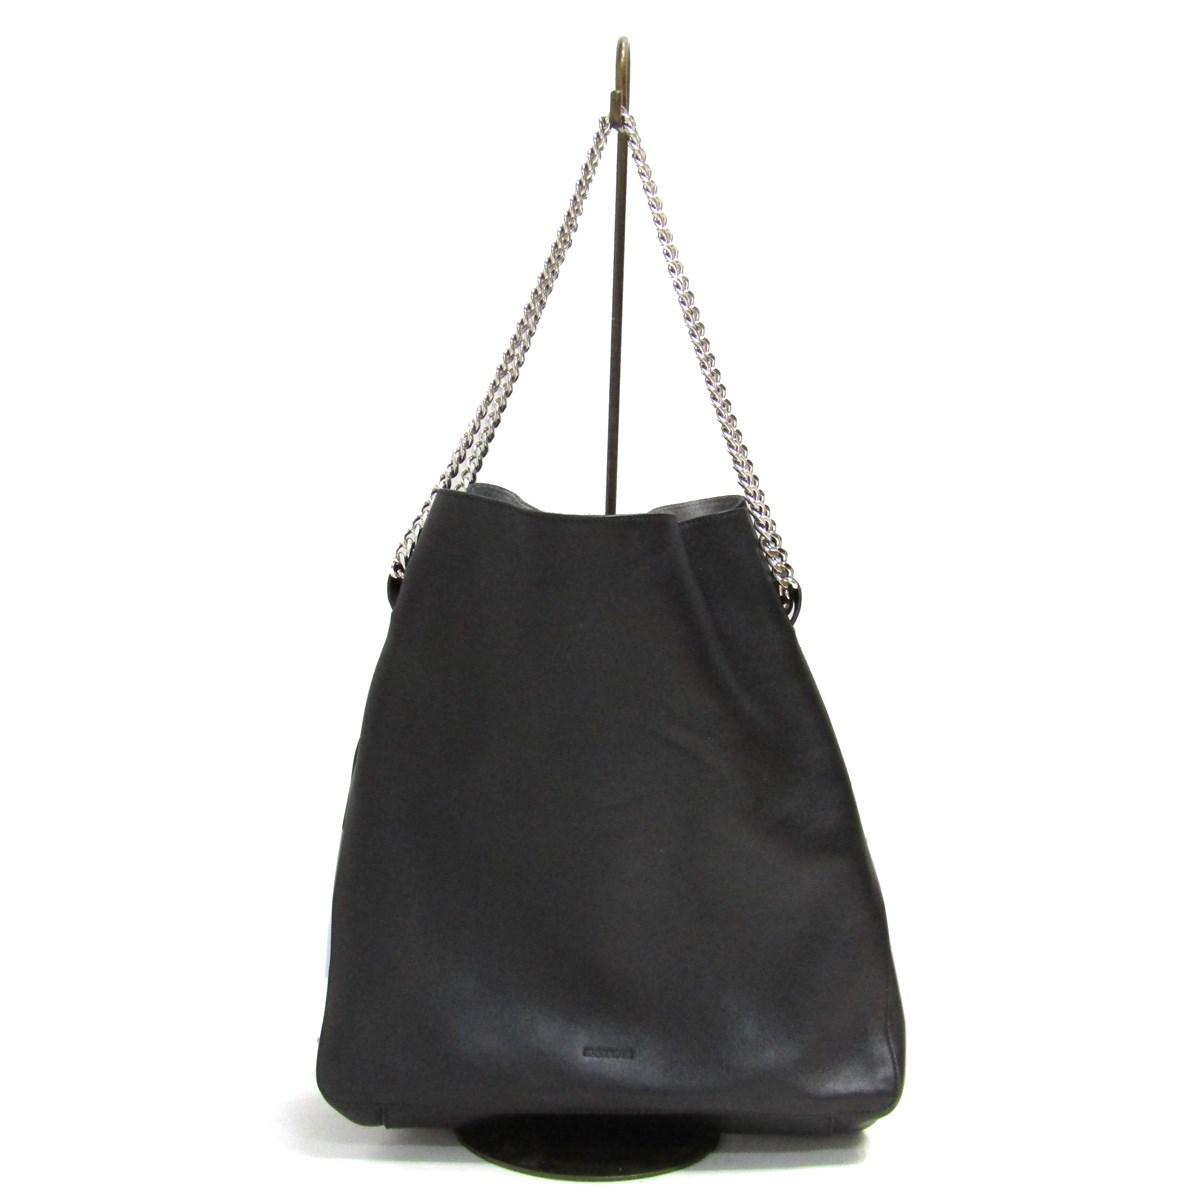 【中古】JIL SANDER 2020SS Chain-Link Leather Shopper Bag レザーショッパーバッグ ブラック 【010820】(ジルサンダー)